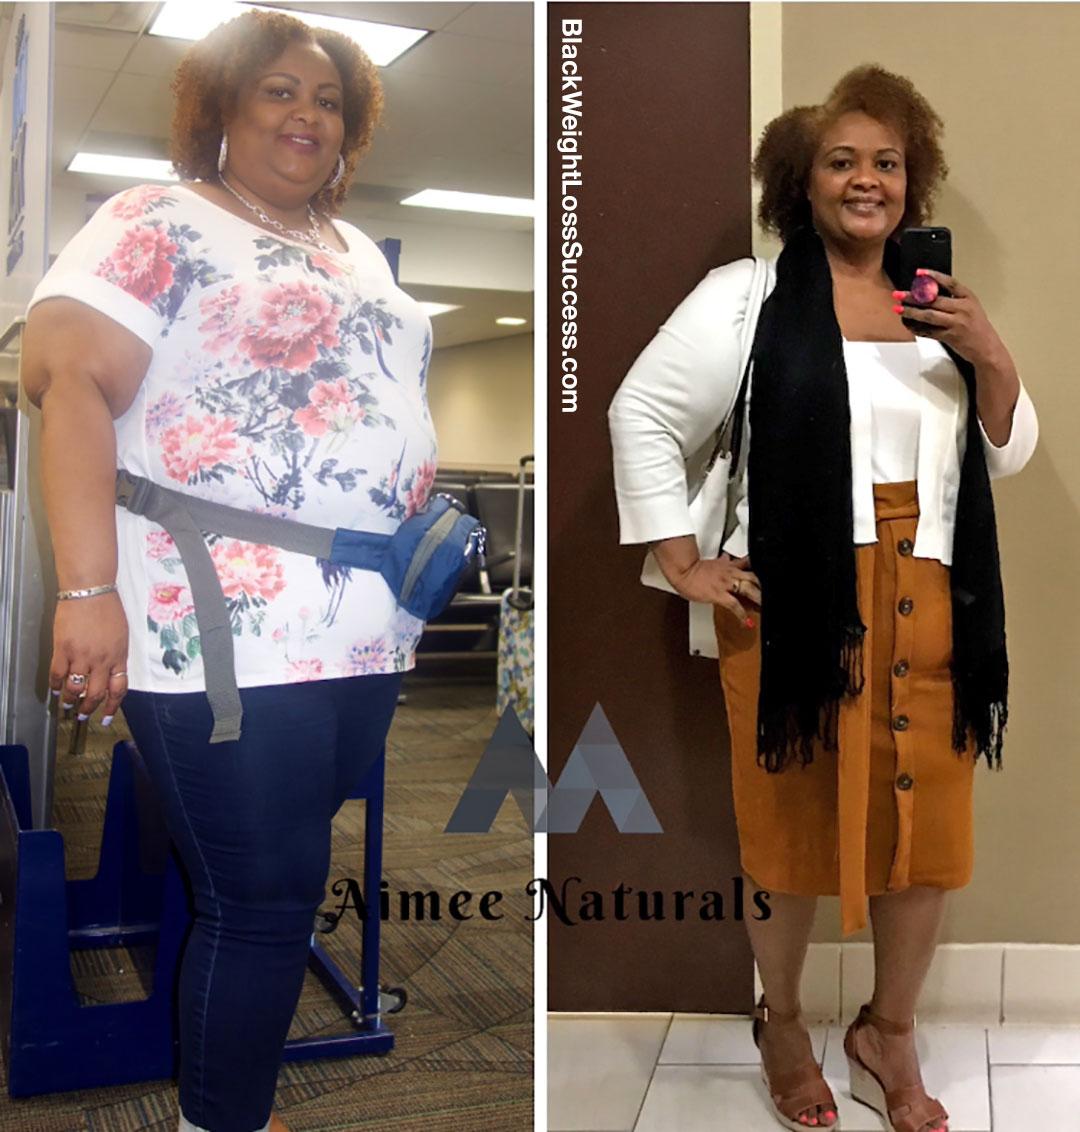 Aimee perdeu 103 libras | Sucesso de perda de peso preto 10